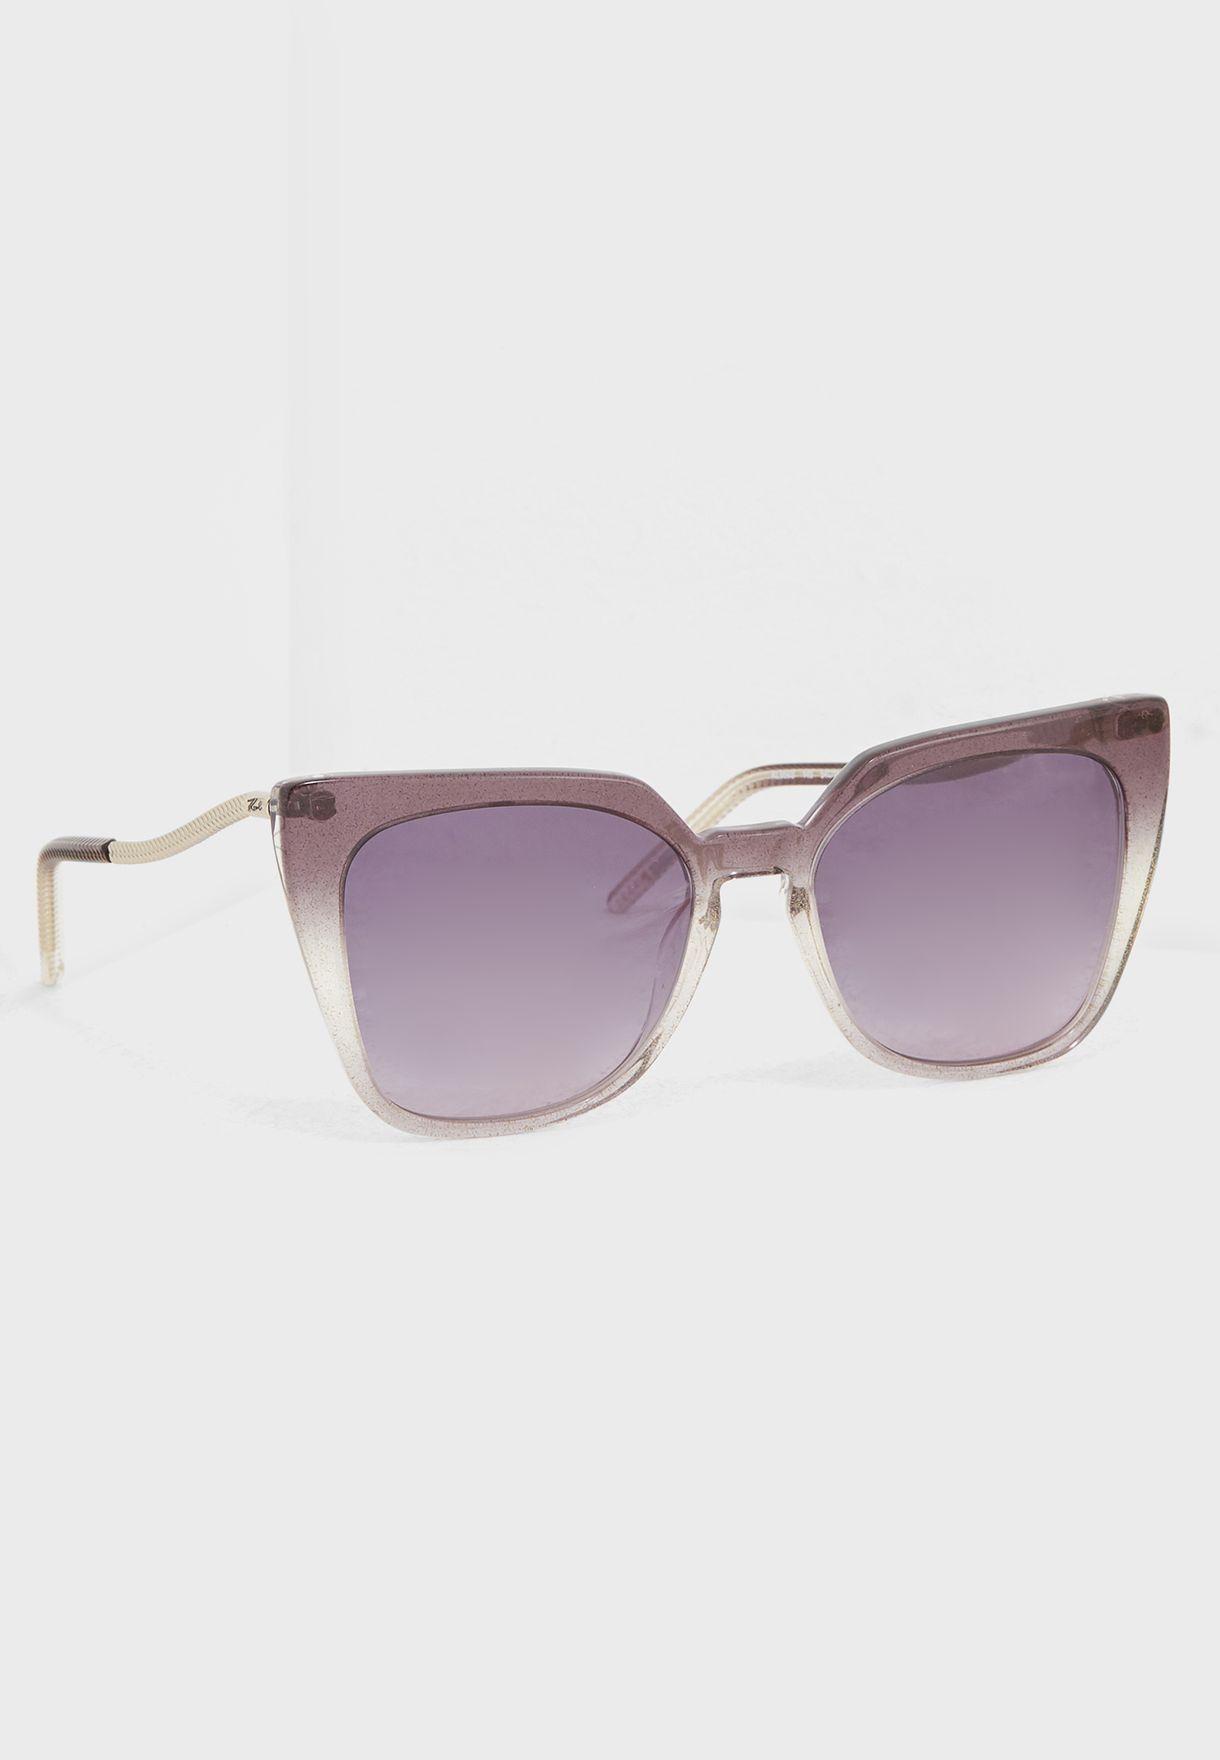 نظارة شمسية بشكل فراشة KL956S